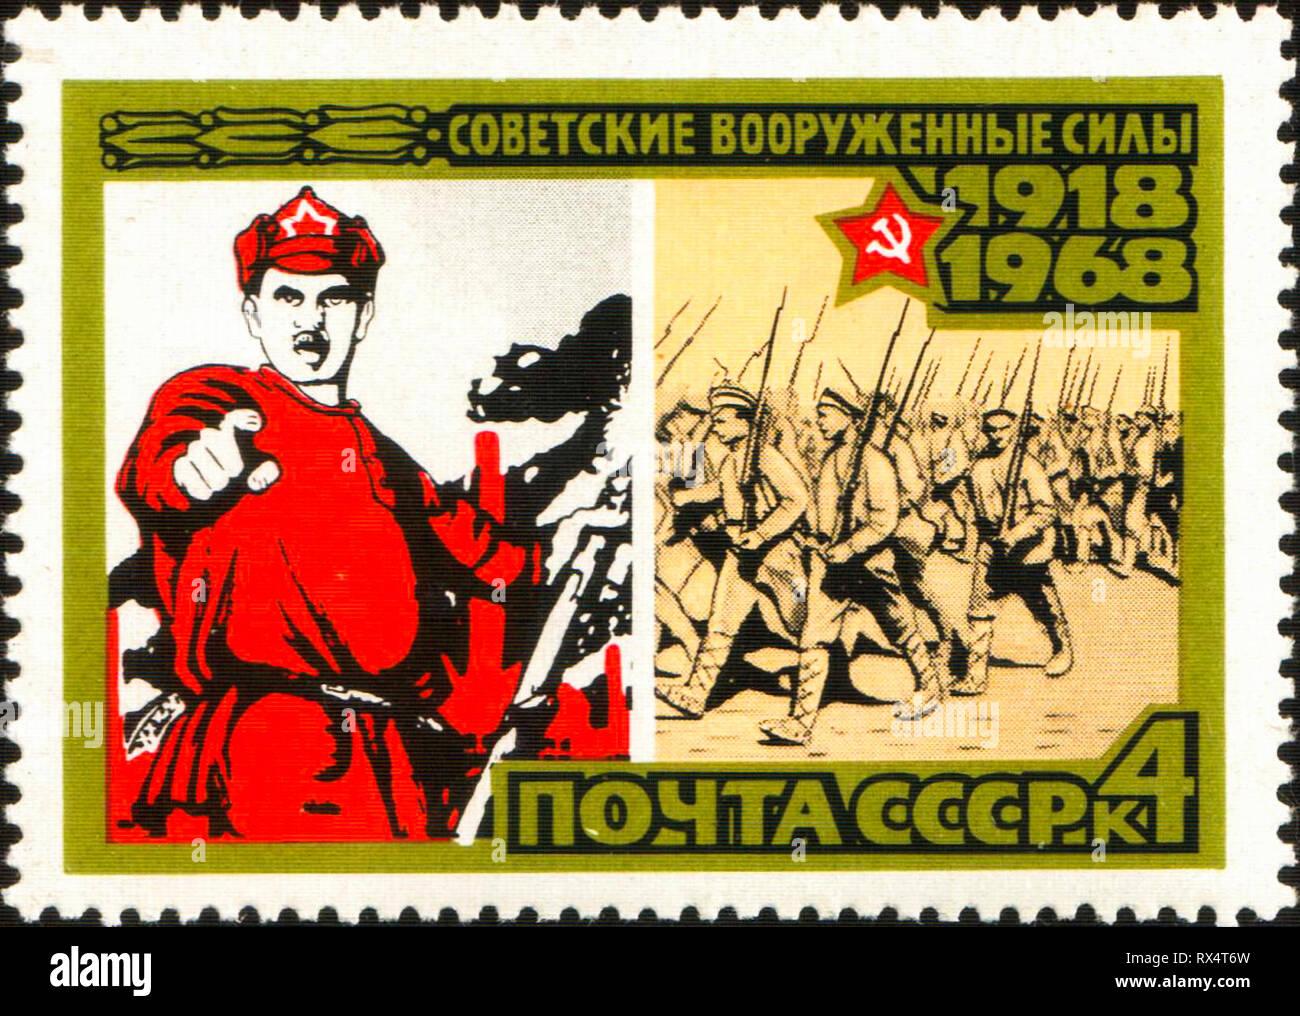 Poster russo, francobollo dell Unione Sovietica - cinquantesimo anniversario delle forze armate dell'URSS, 1968, Dmitry Moor Immagini Stock